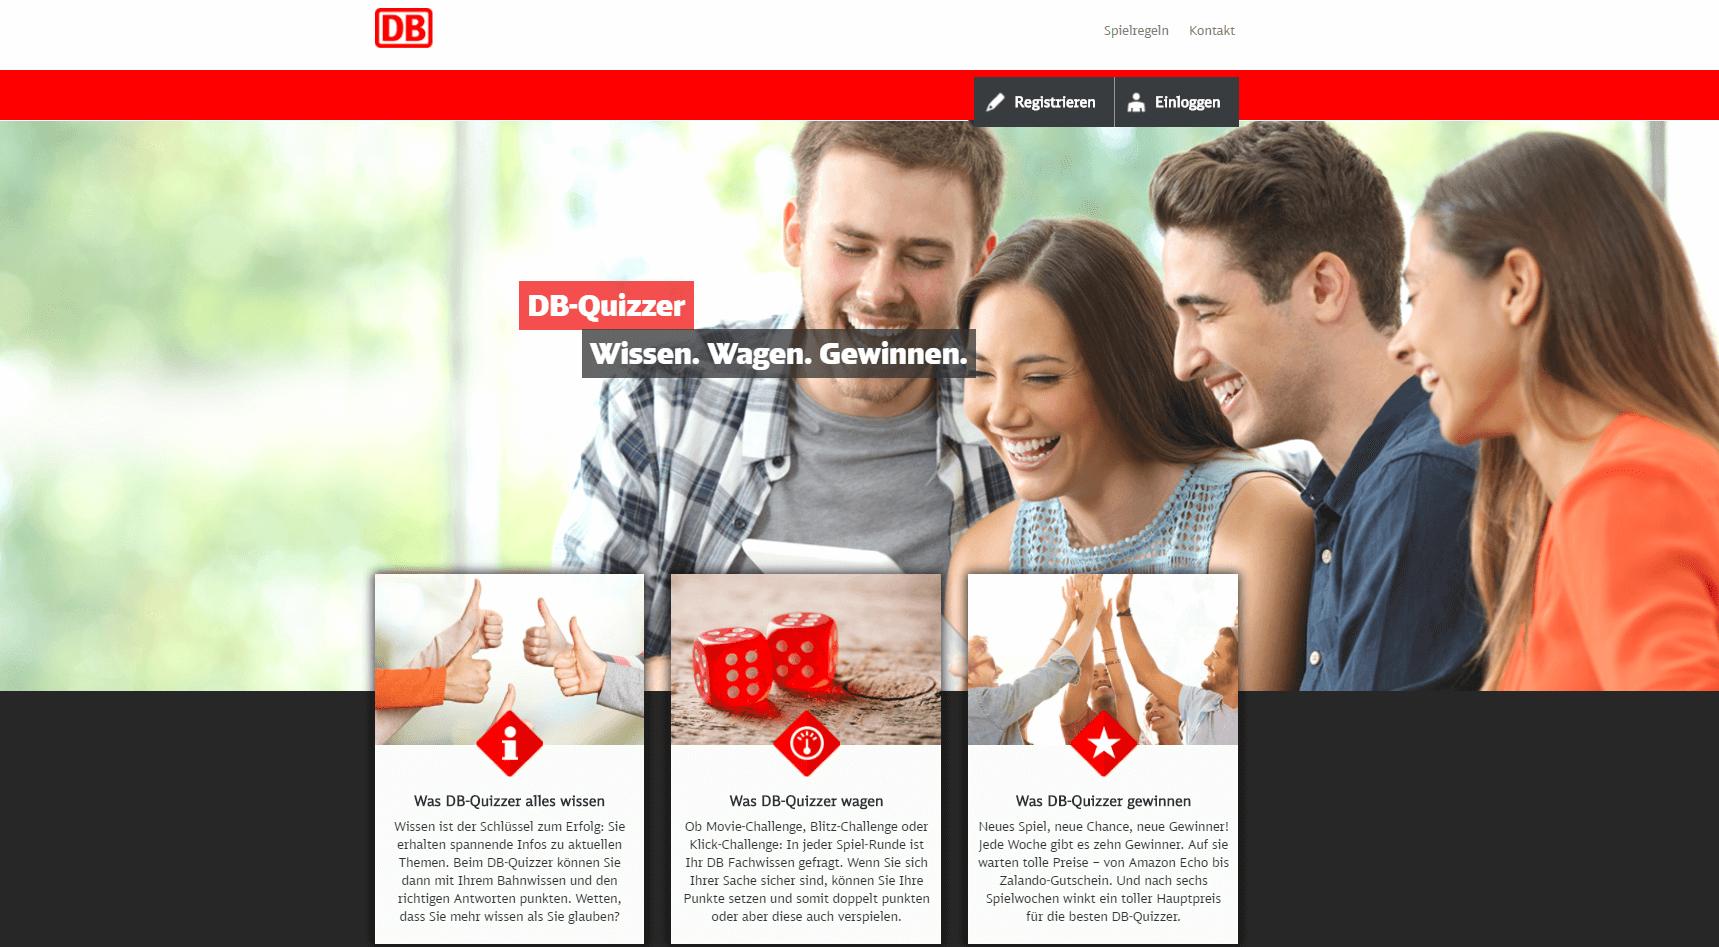 DB Quizzer Kommunikationskampagne DB Vertrieb - Umsetzung Marketingagentur justZARGES